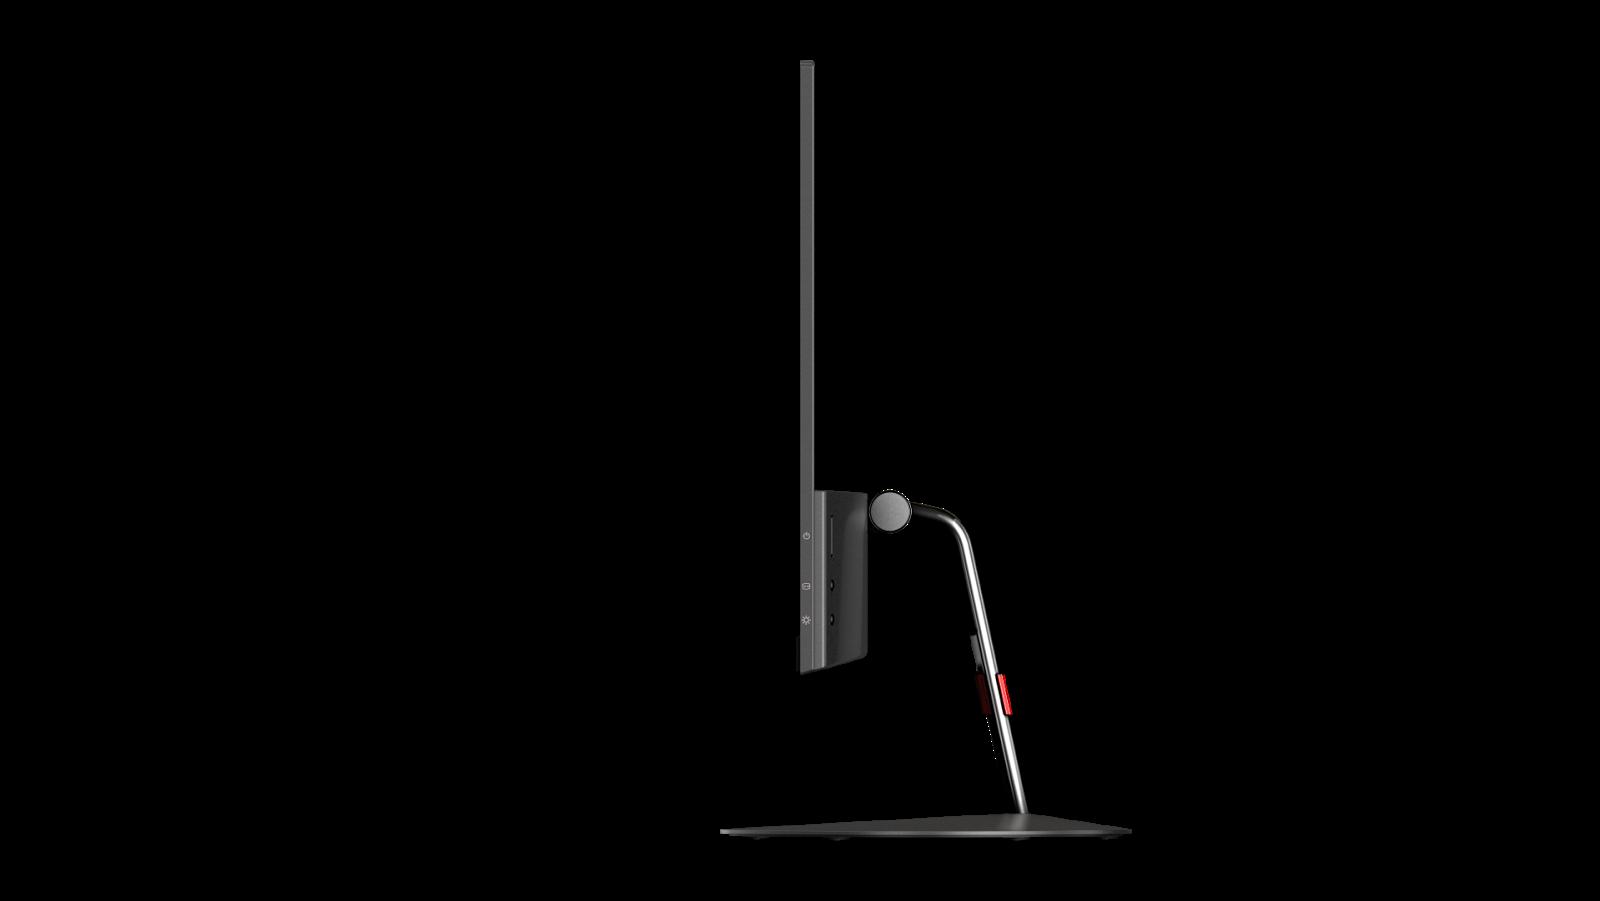 CES 2015: Lenovo anunță ultrabookul business ThinkPad X1 Carbon de generație a treia, cu procesor Broadwell